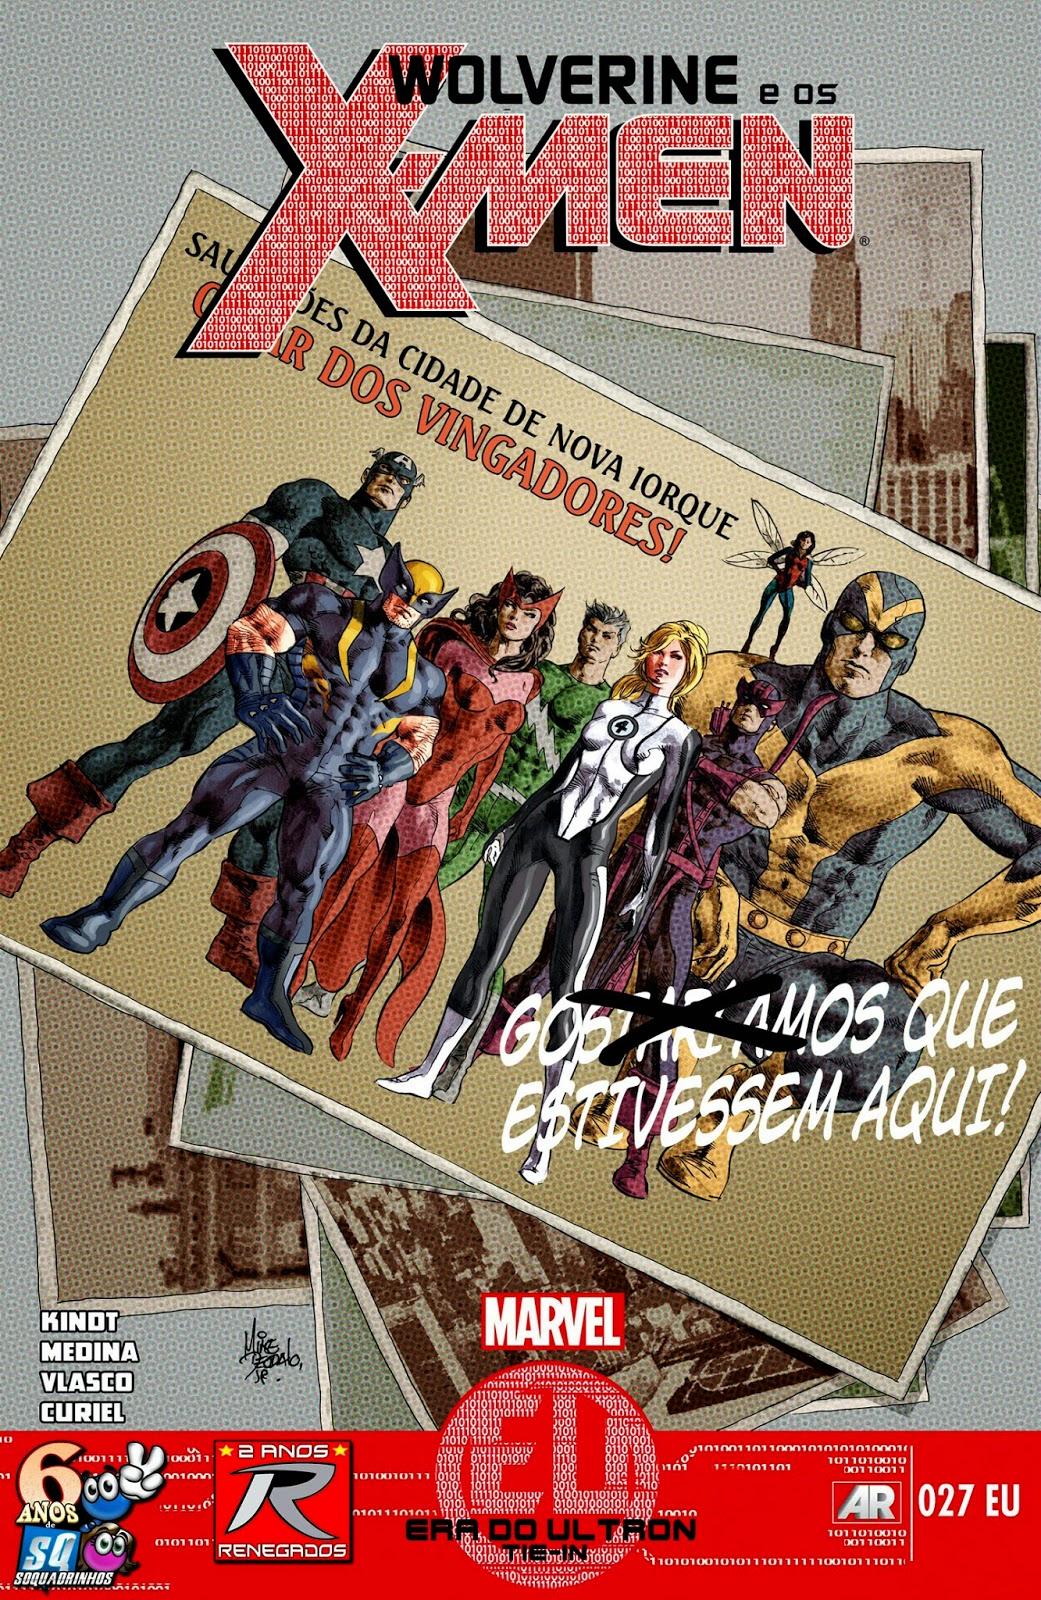 Nova Marvel! Wolverine e os X-Men #27 EU